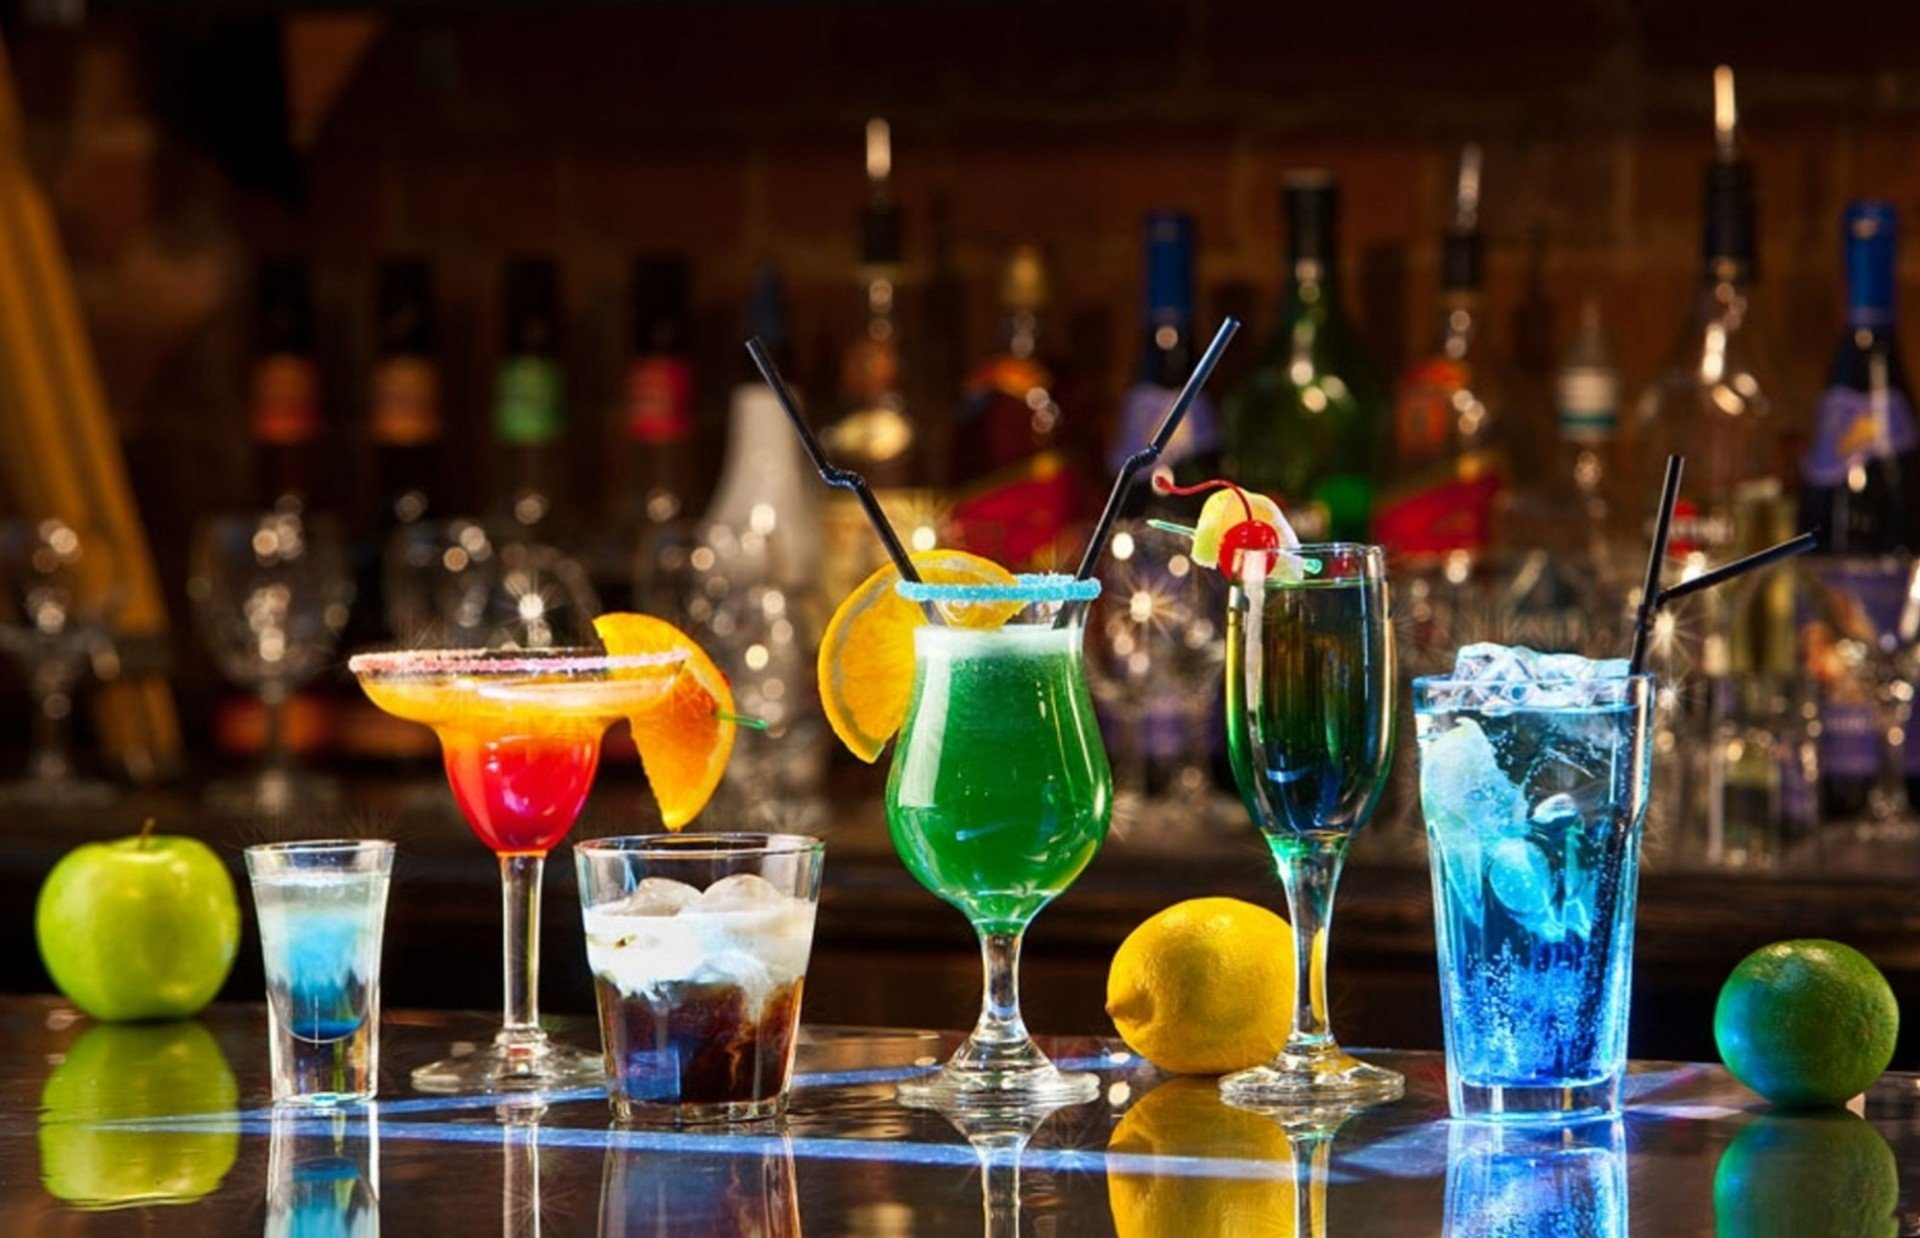 Beverages & Sides